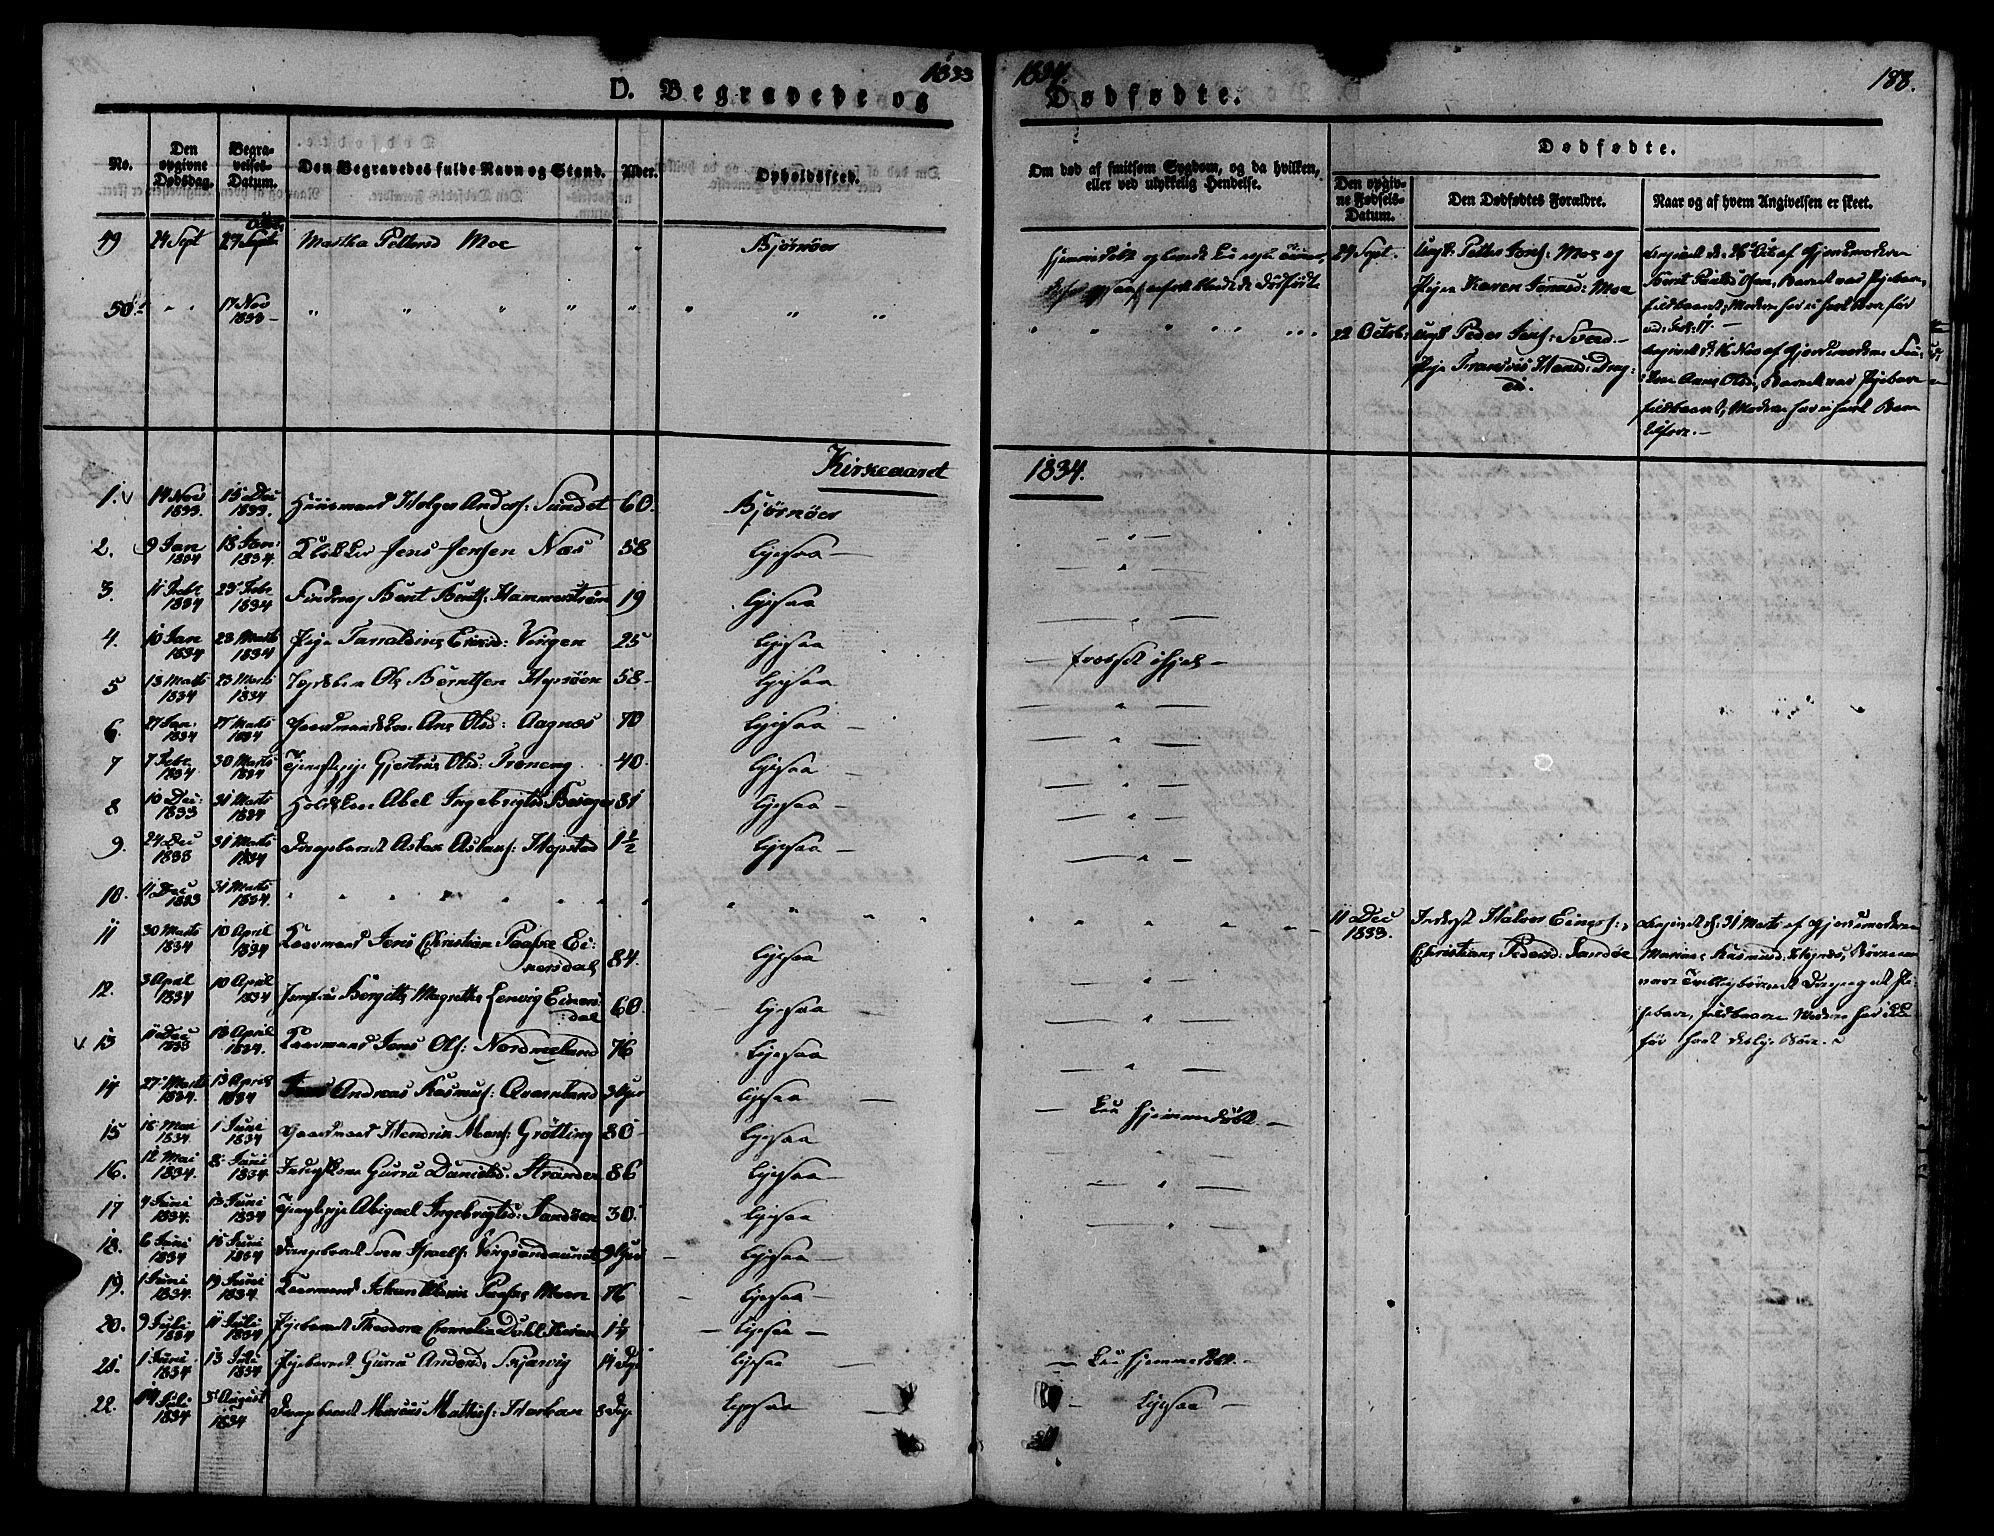 SAT, Ministerialprotokoller, klokkerbøker og fødselsregistre - Sør-Trøndelag, 657/L0703: Ministerialbok nr. 657A04, 1831-1846, s. 188